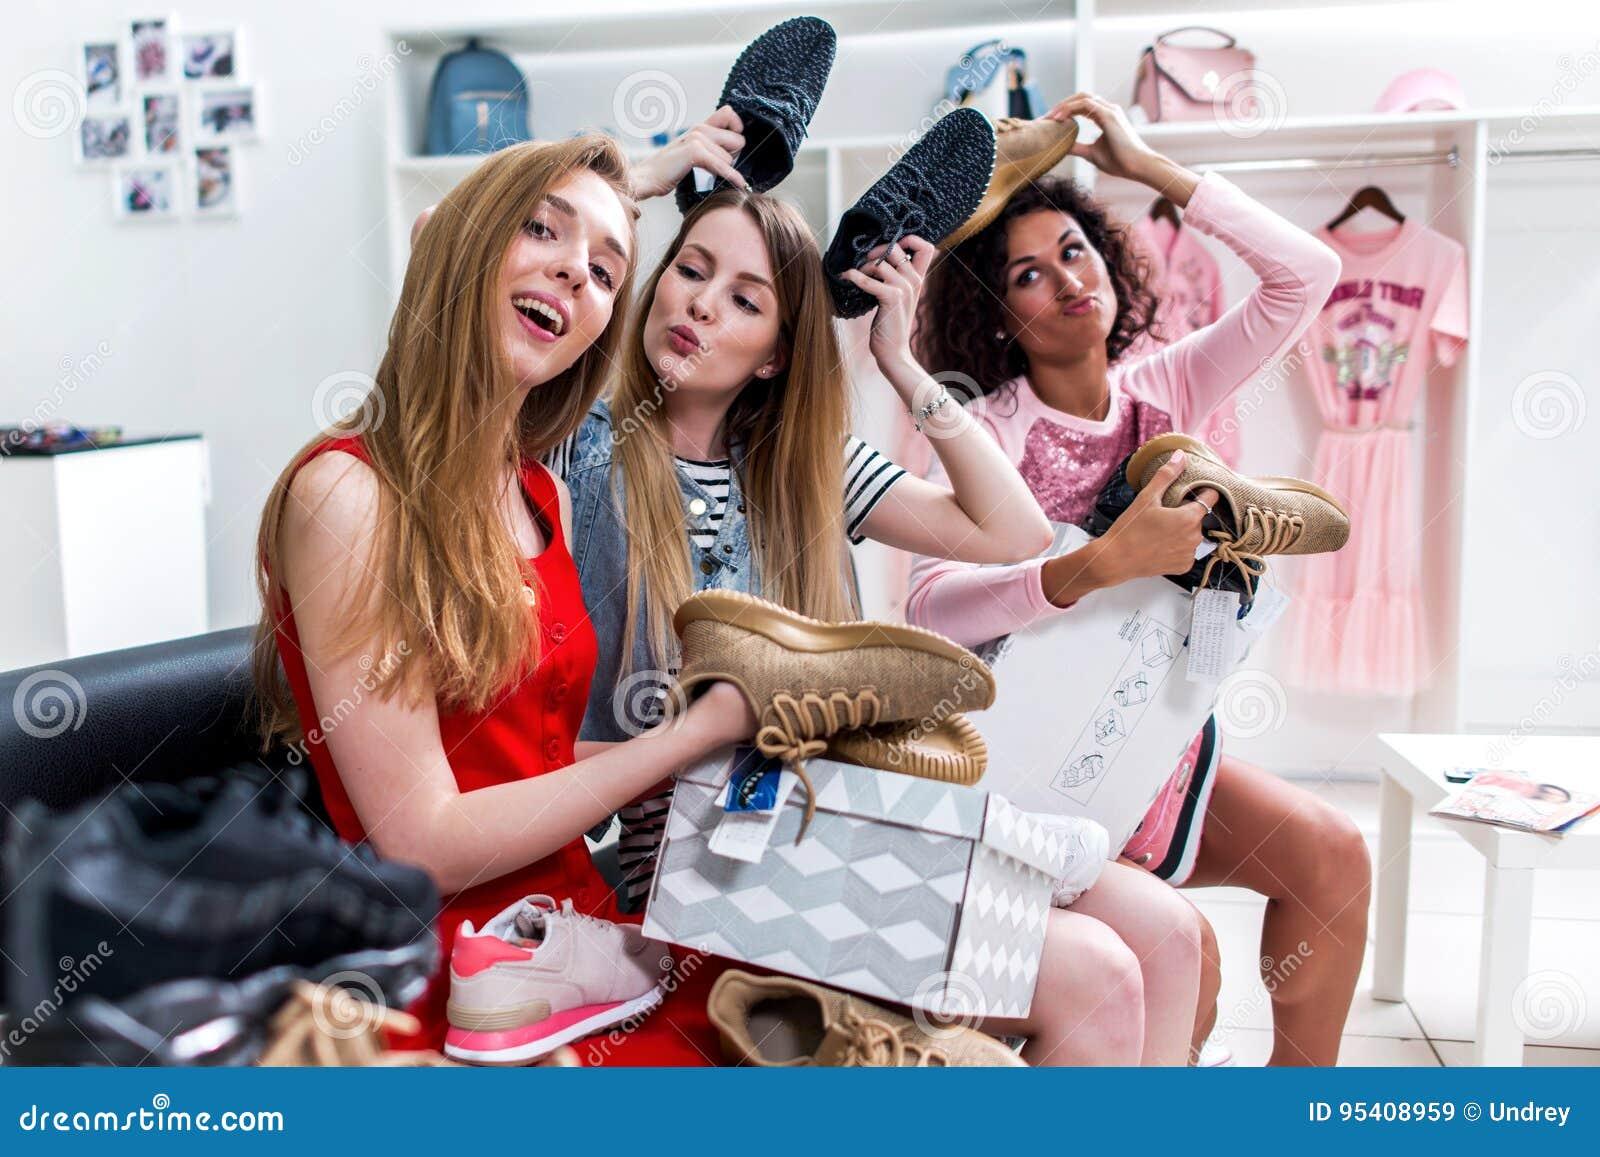 Θετικές φίλες εφήβων που έχουν το χρόνο διασκέδασης μαζί κάνοντας τη συνεδρίαση αγορών που επιλέγει νέο παπουτσιών γύρω και